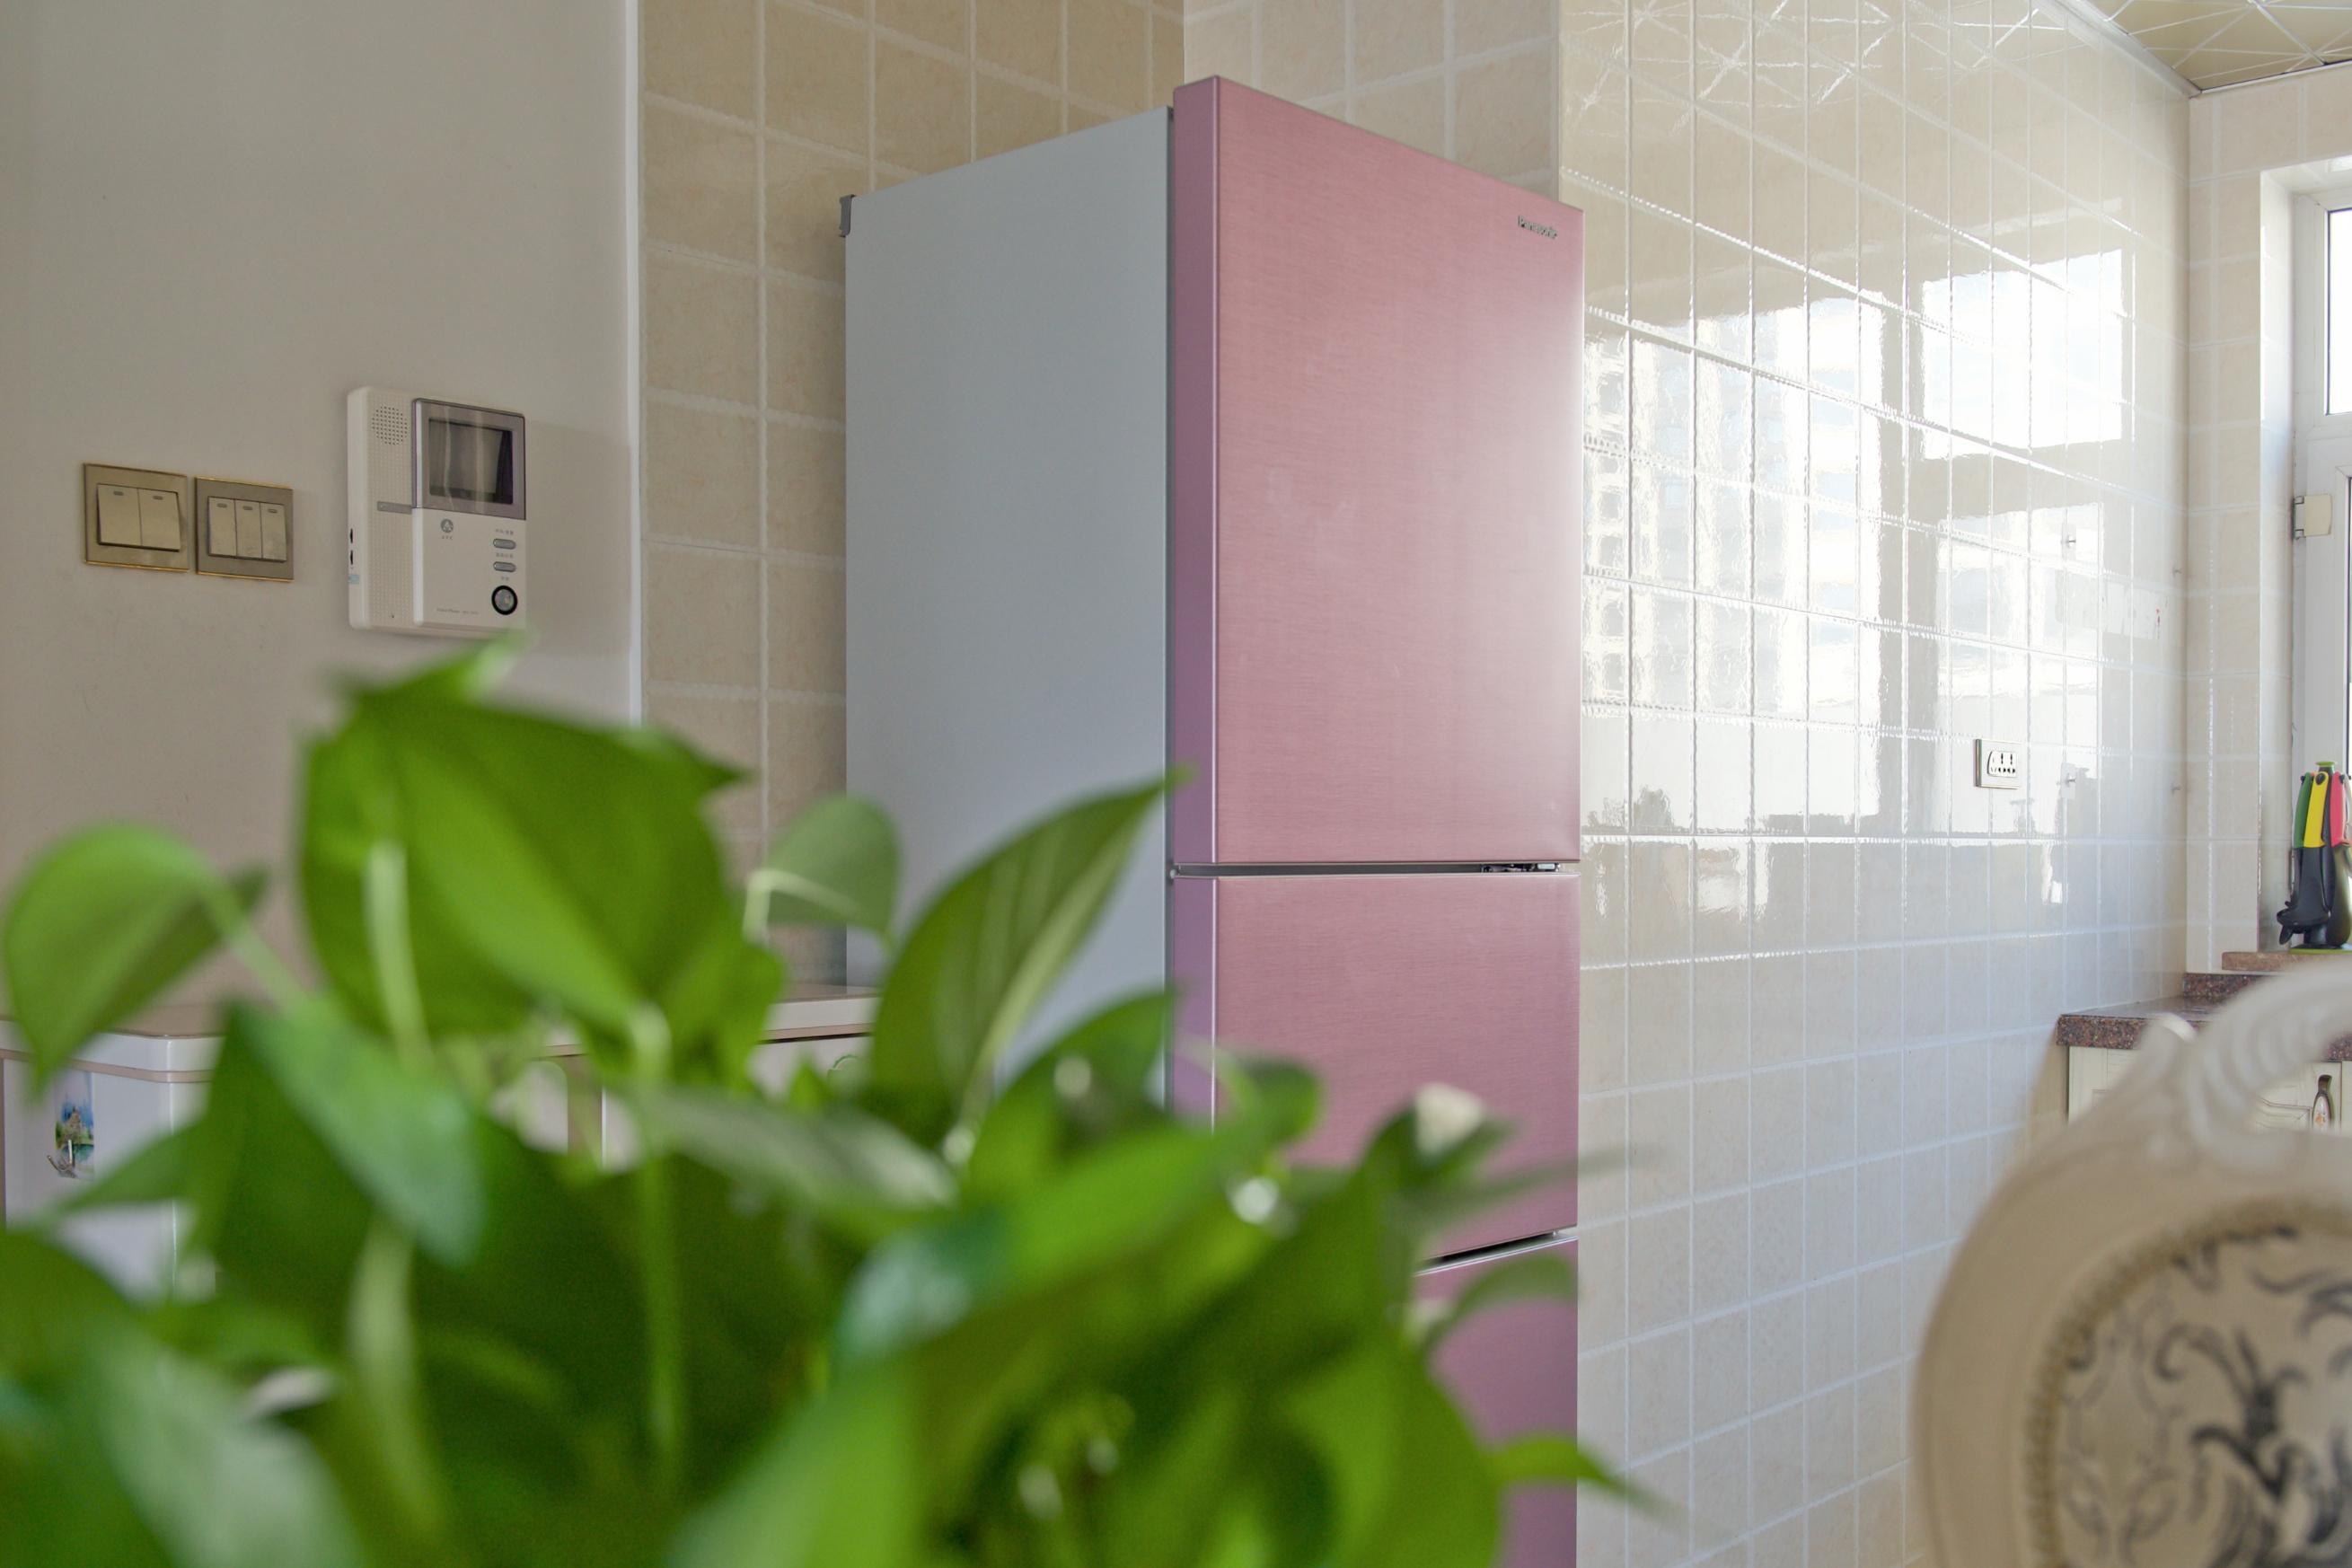 超薄冰箱小户型的最佳选择,松下NR-EC26MPA-P